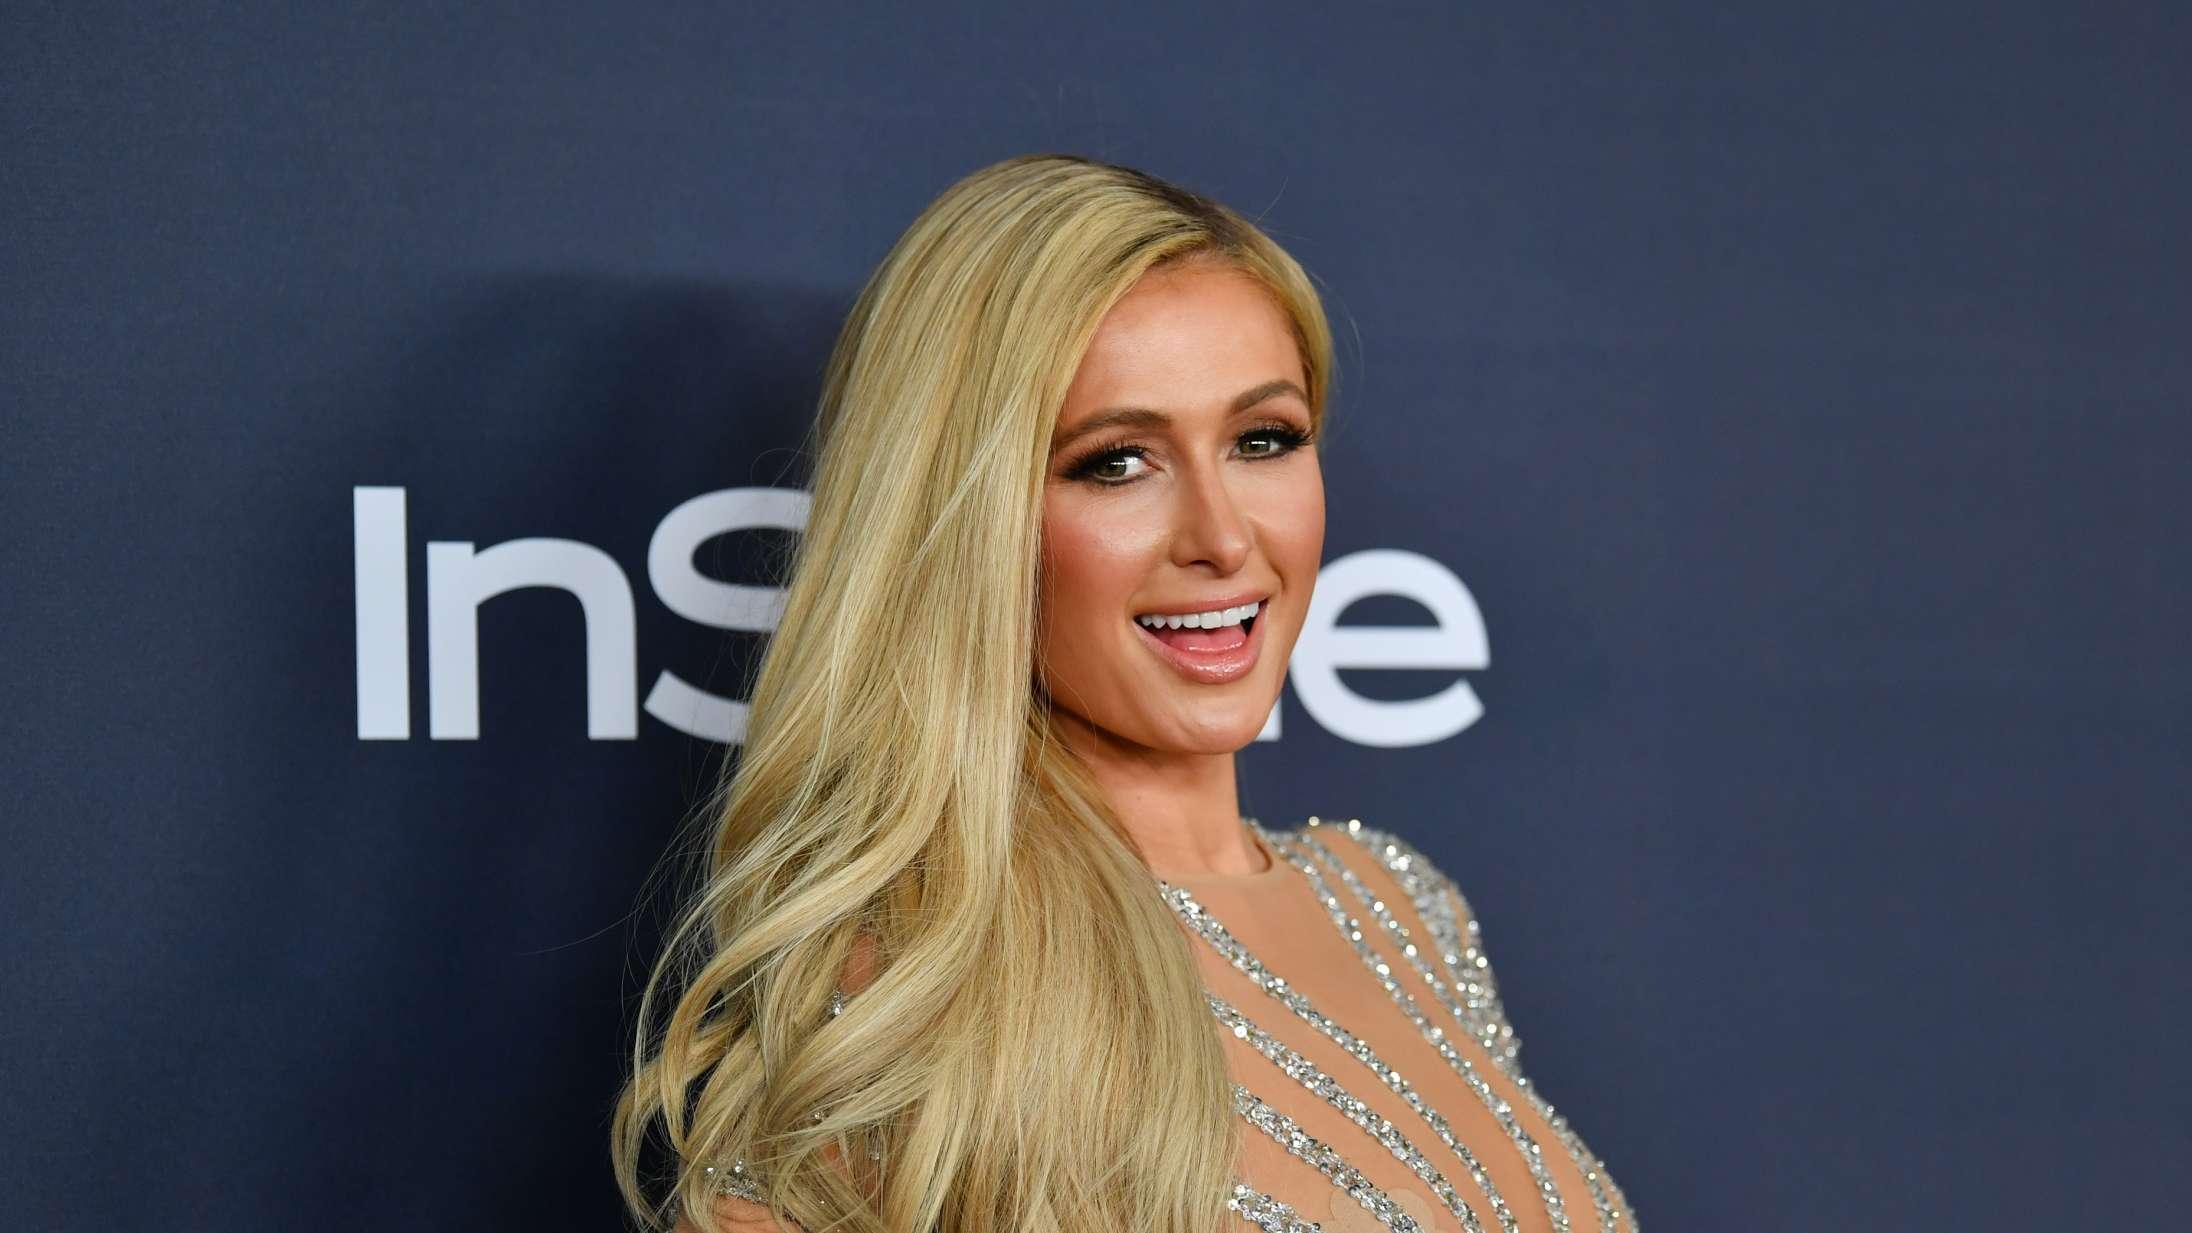 Paris Hilton afliver ikonisk 'Stop Being Poor'-meme på TikTok